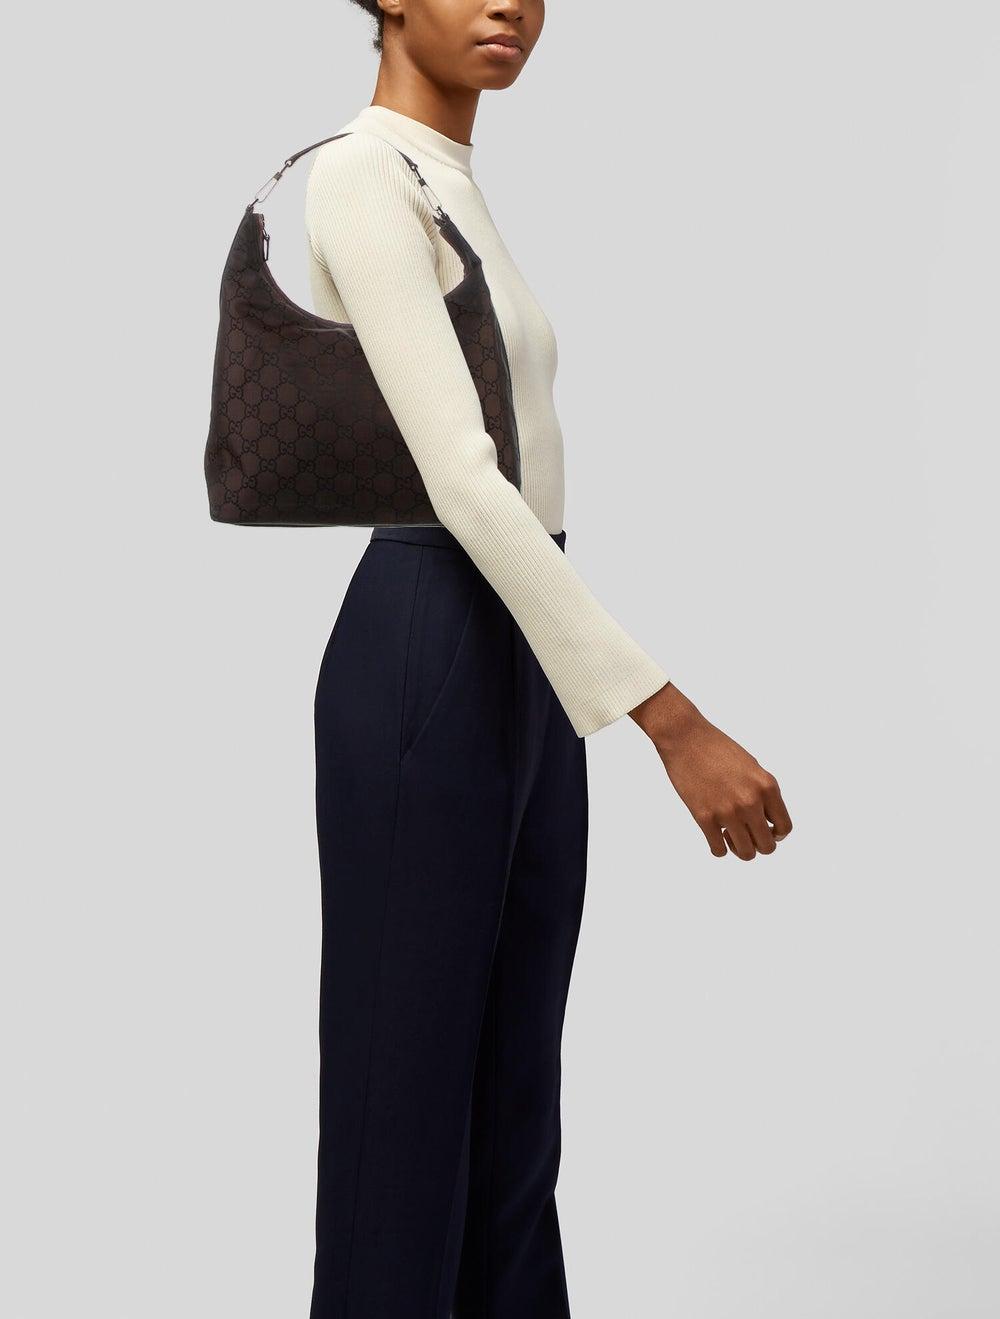 Gucci Leather Diana Shoulder Bag Gold - image 2